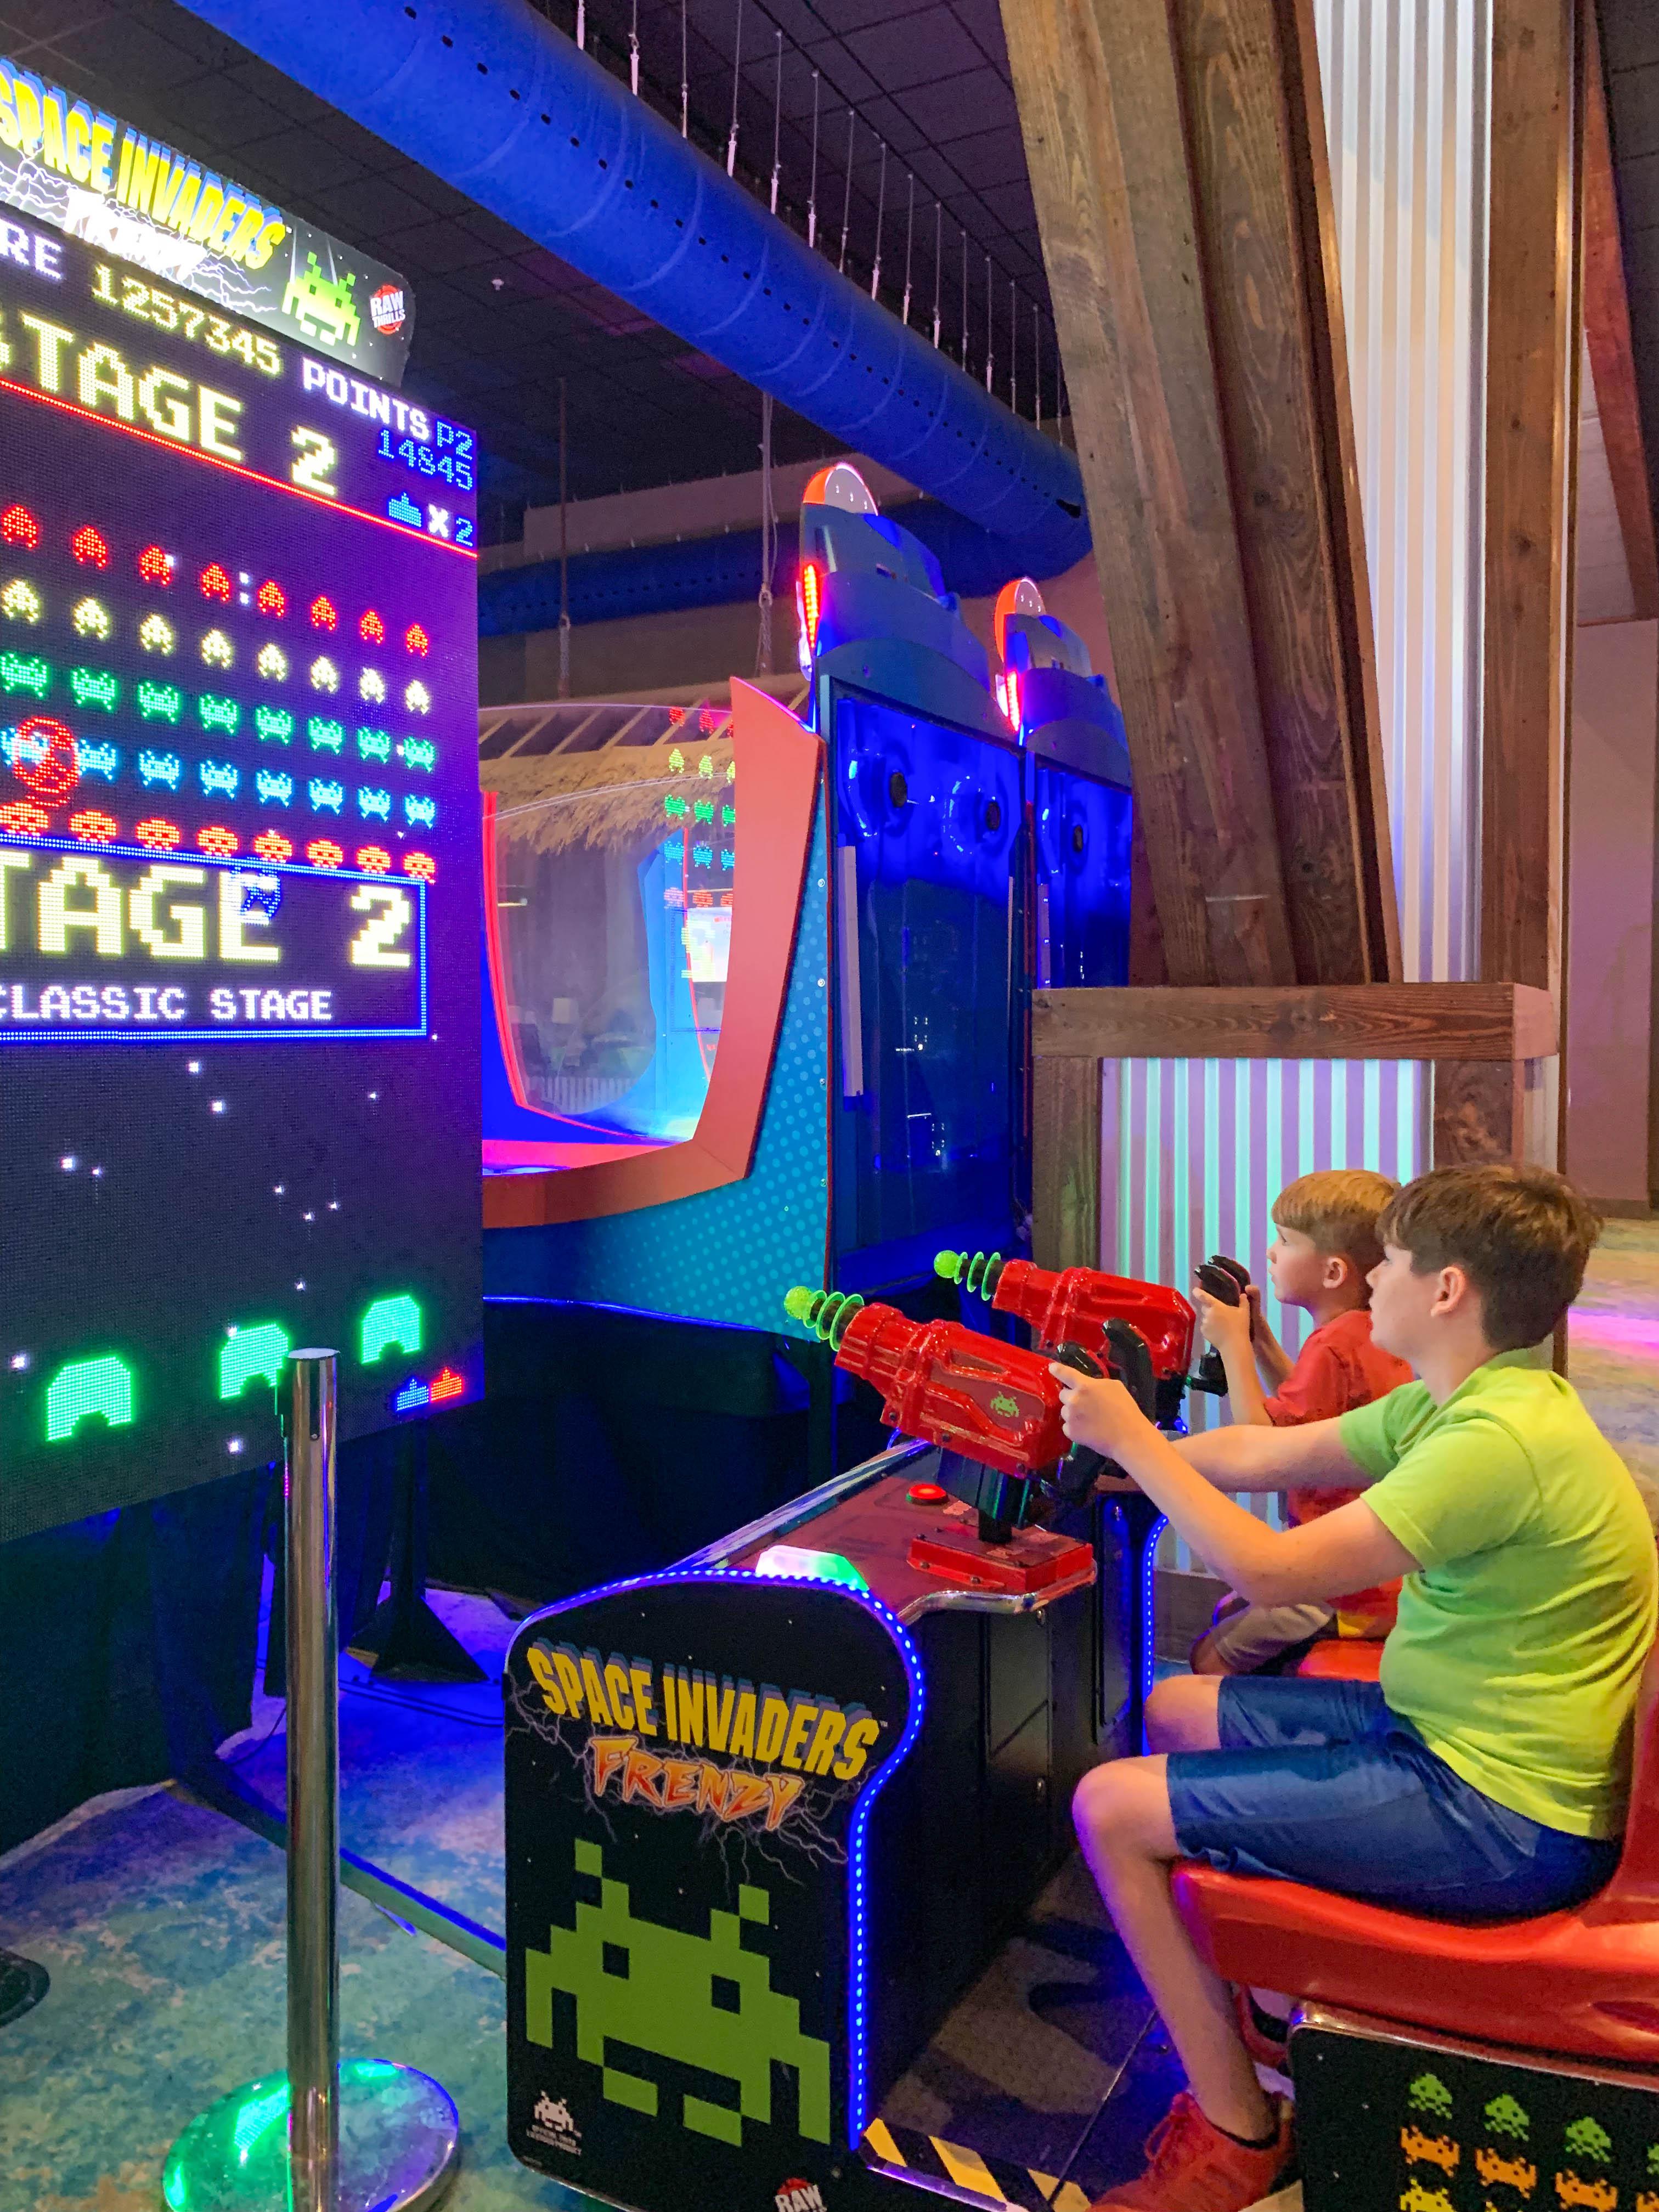 Escape Arcade'de Space Invaders oynayan çocuklar.